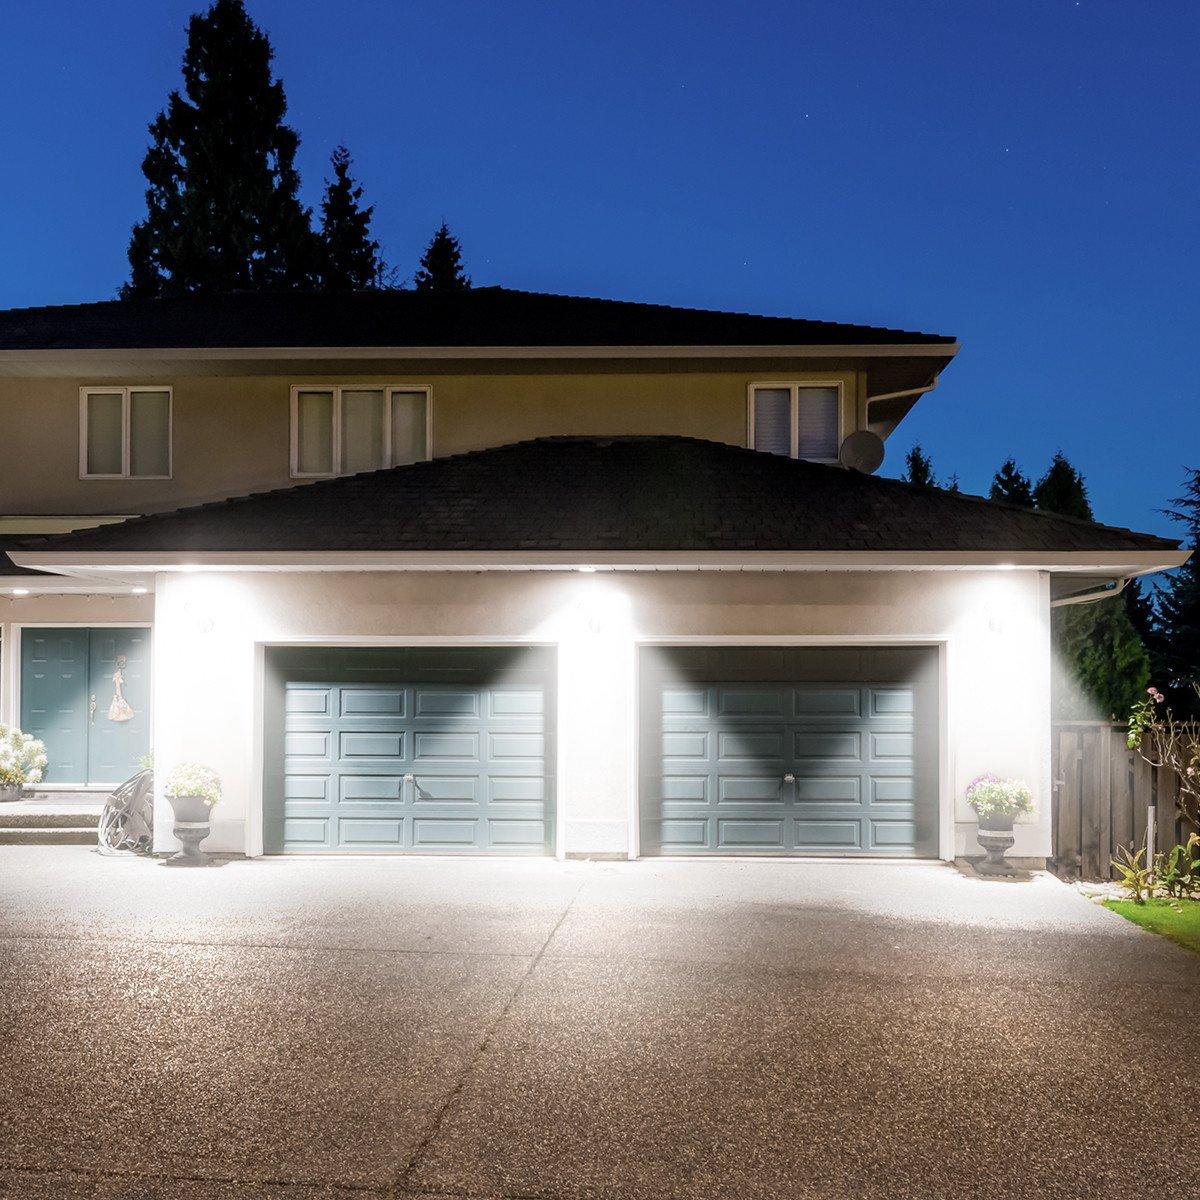 Poweradd LED Licht Nachtlicht Außenleuchte mit Bewegungsmelder und Dämmerungssensor, schwenkbar und regendicht für Garten, Terrasse, Hausflur, Treppen, Balkon, Außenwand